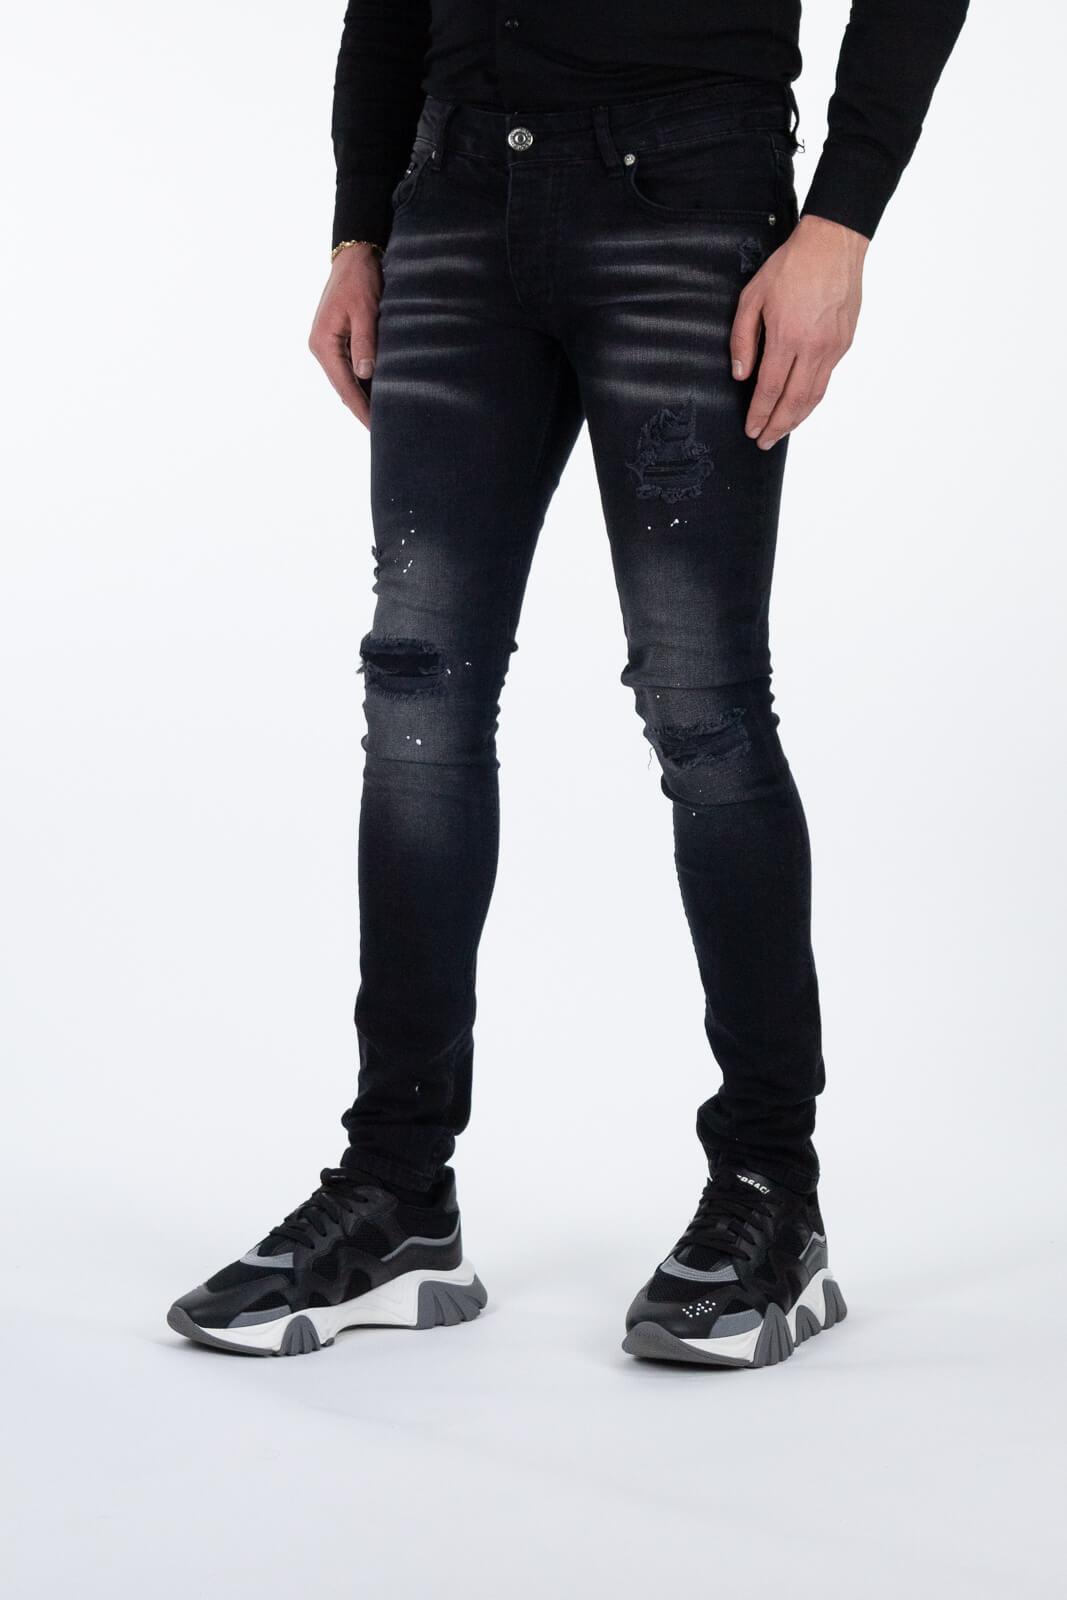 Lima-Noir-Jeans-3